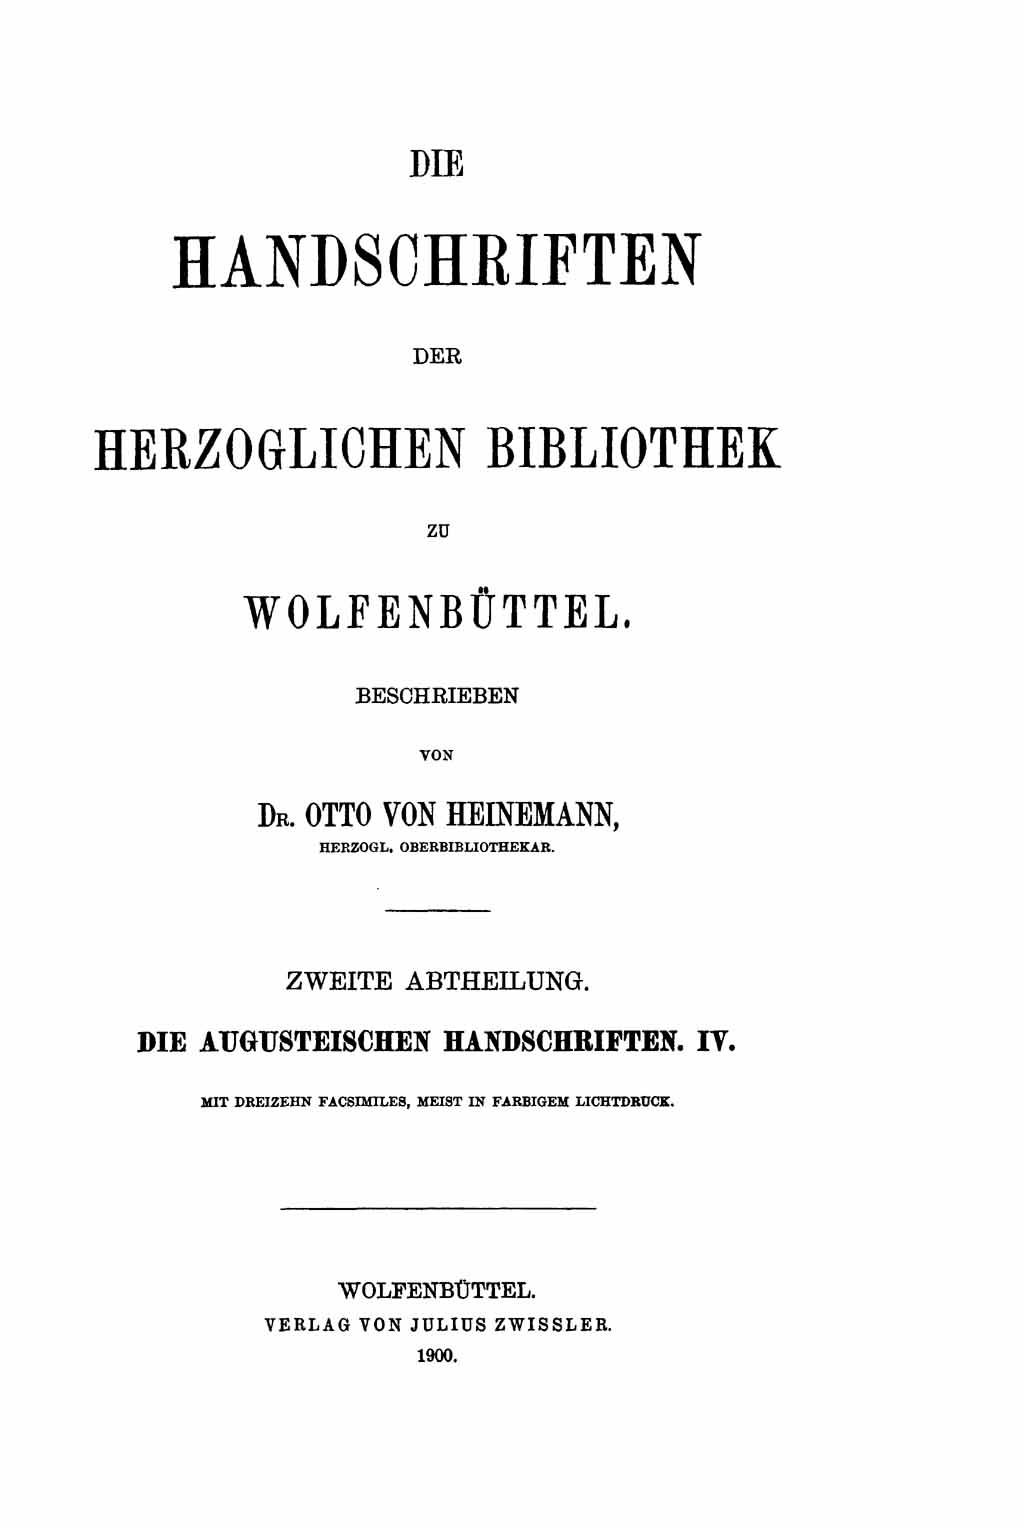 https://diglib.hab.de/drucke/f4f-539-7/00007.jpg